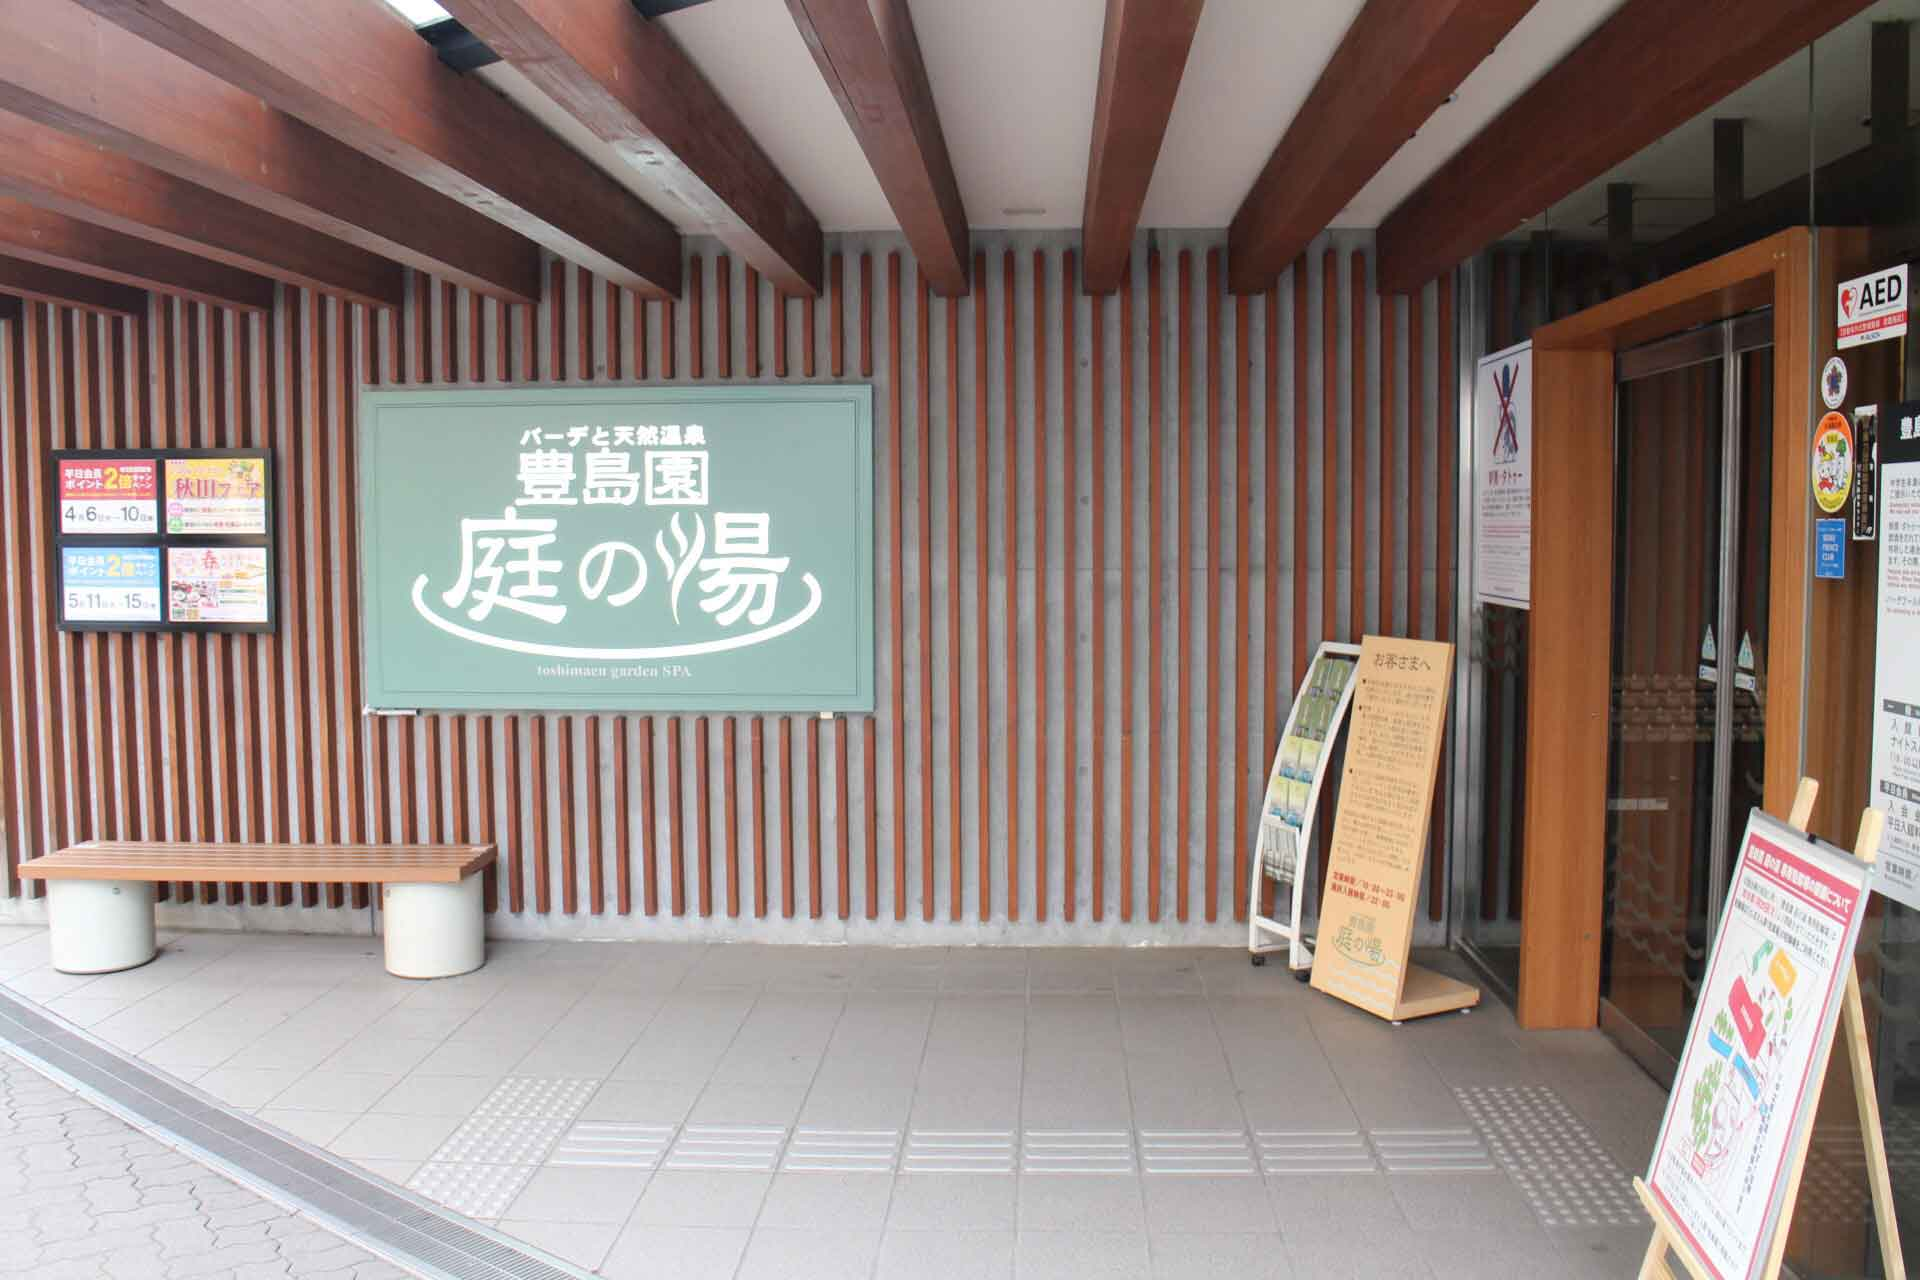 ทางเข้านิวะโนะยุ (Niwanoyu)